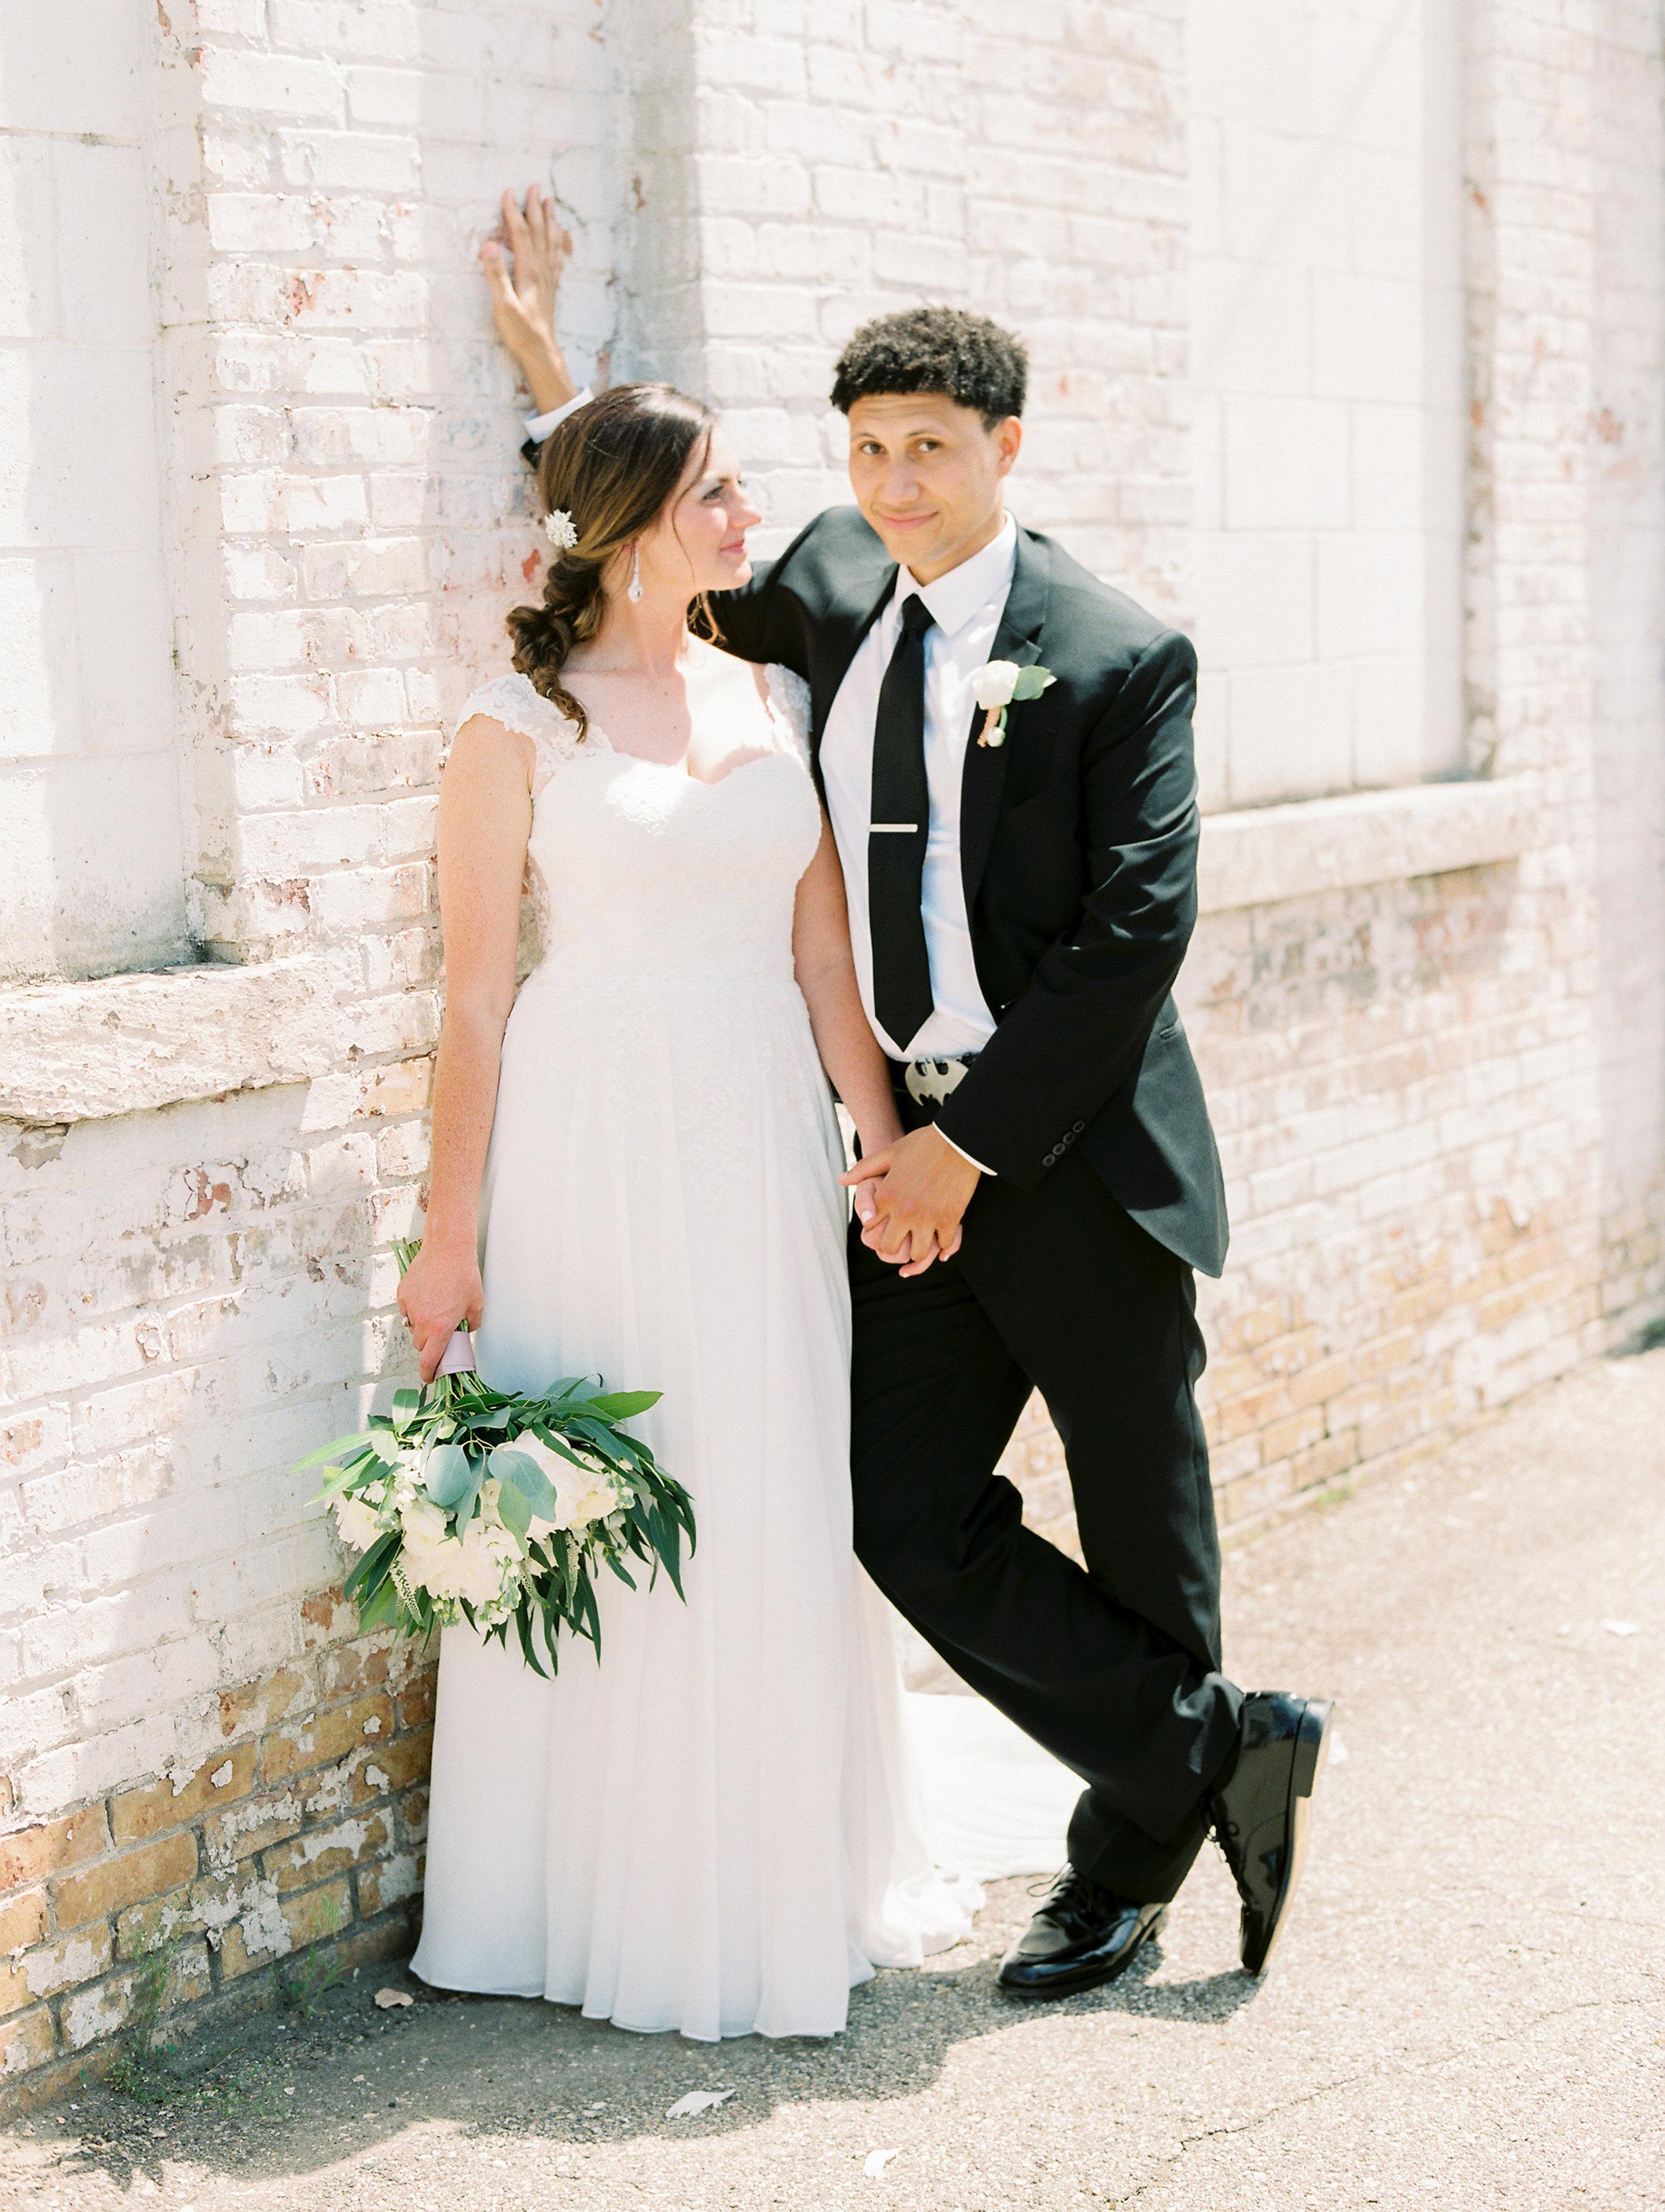 Julius+Wedding+BridalPartyf-90.jpg